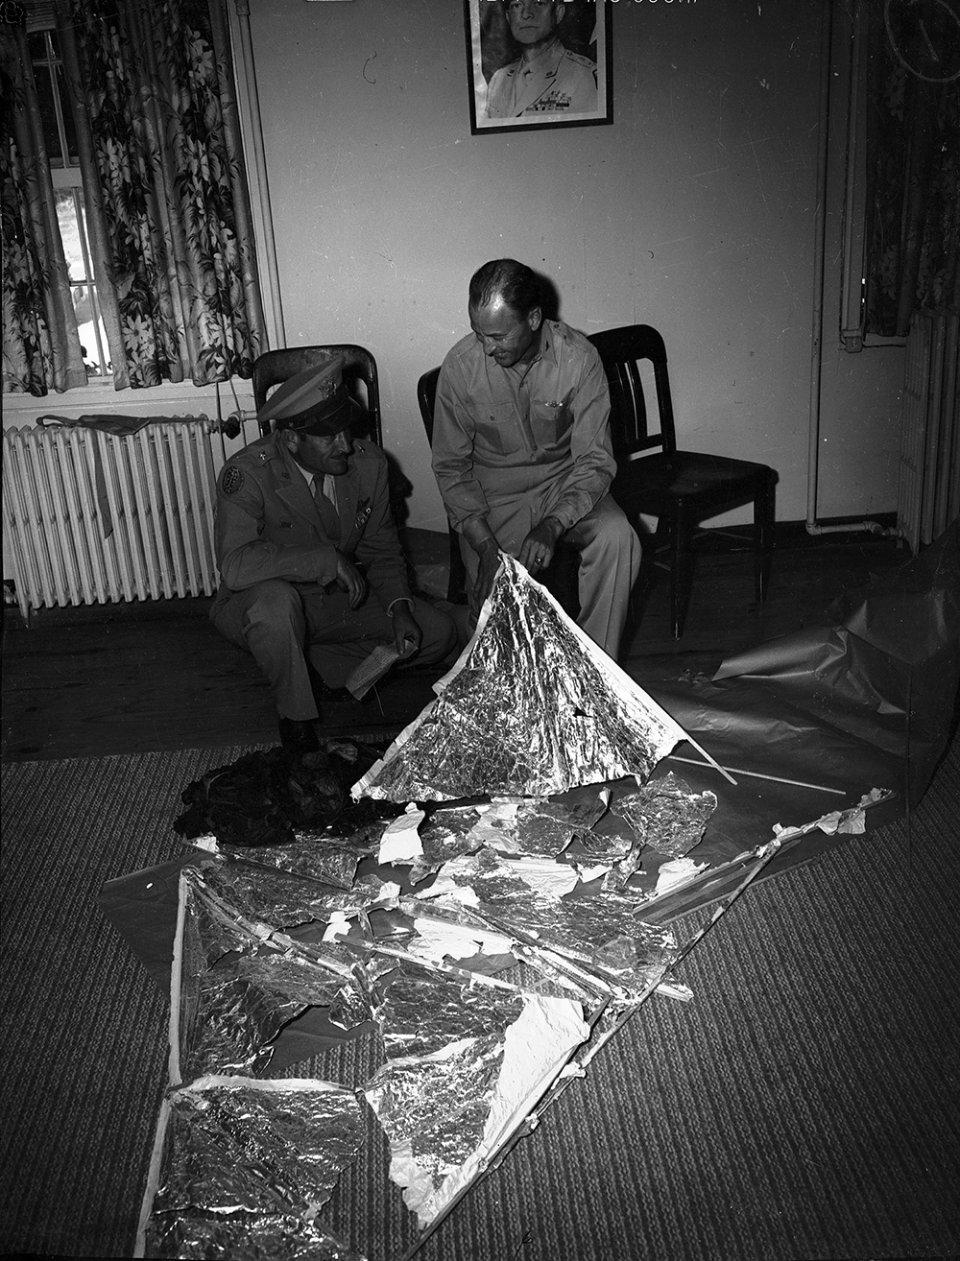 Бригадний генерал Роджер Реймі і полковник Томас Дюбоз з залишками чогось, Форт-Уерт, 8 липня 1947 року)